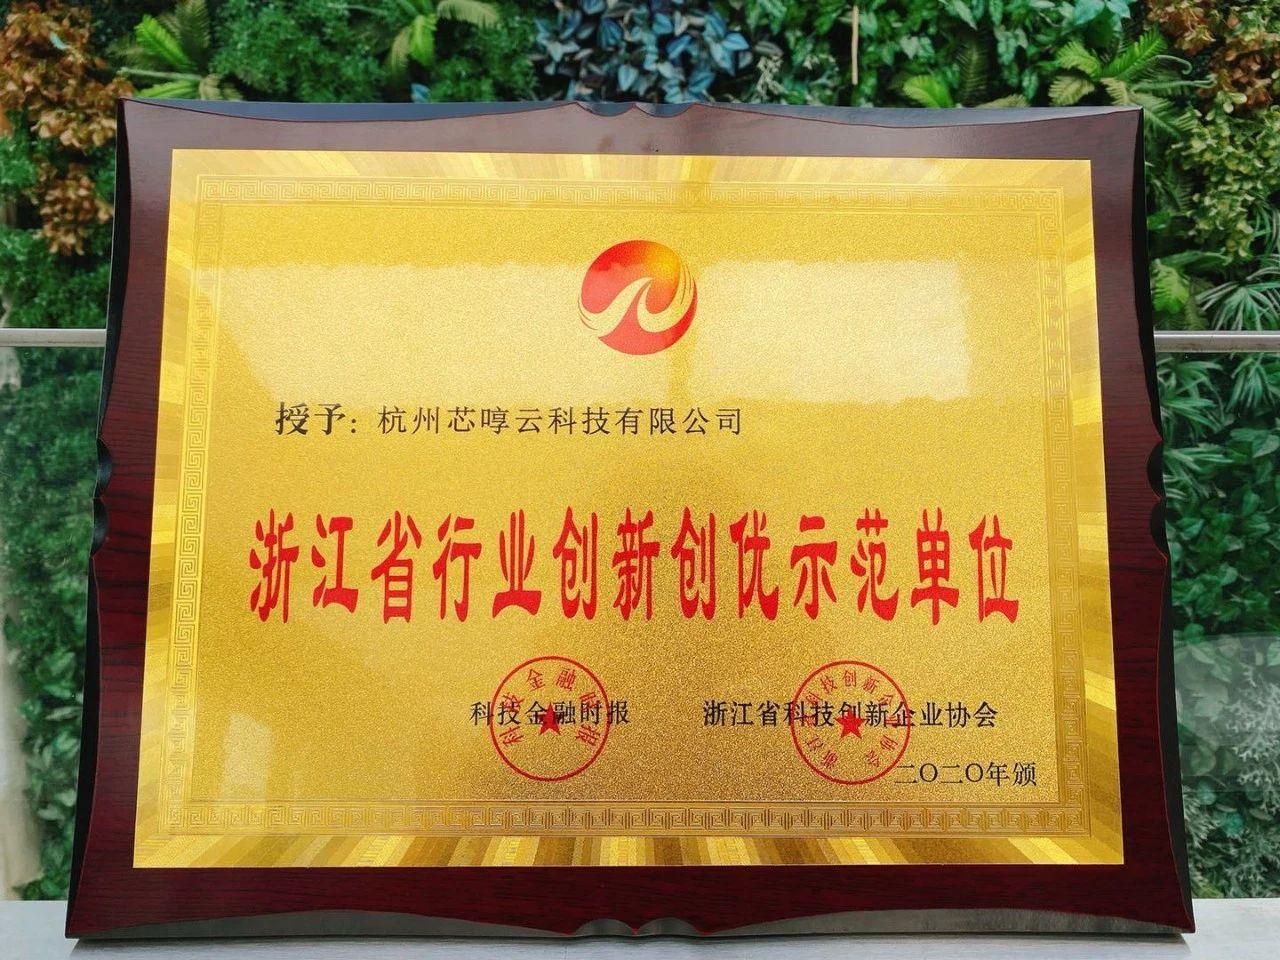 小芯机深耕智慧办公,列入浙江行业创新创优示范单位